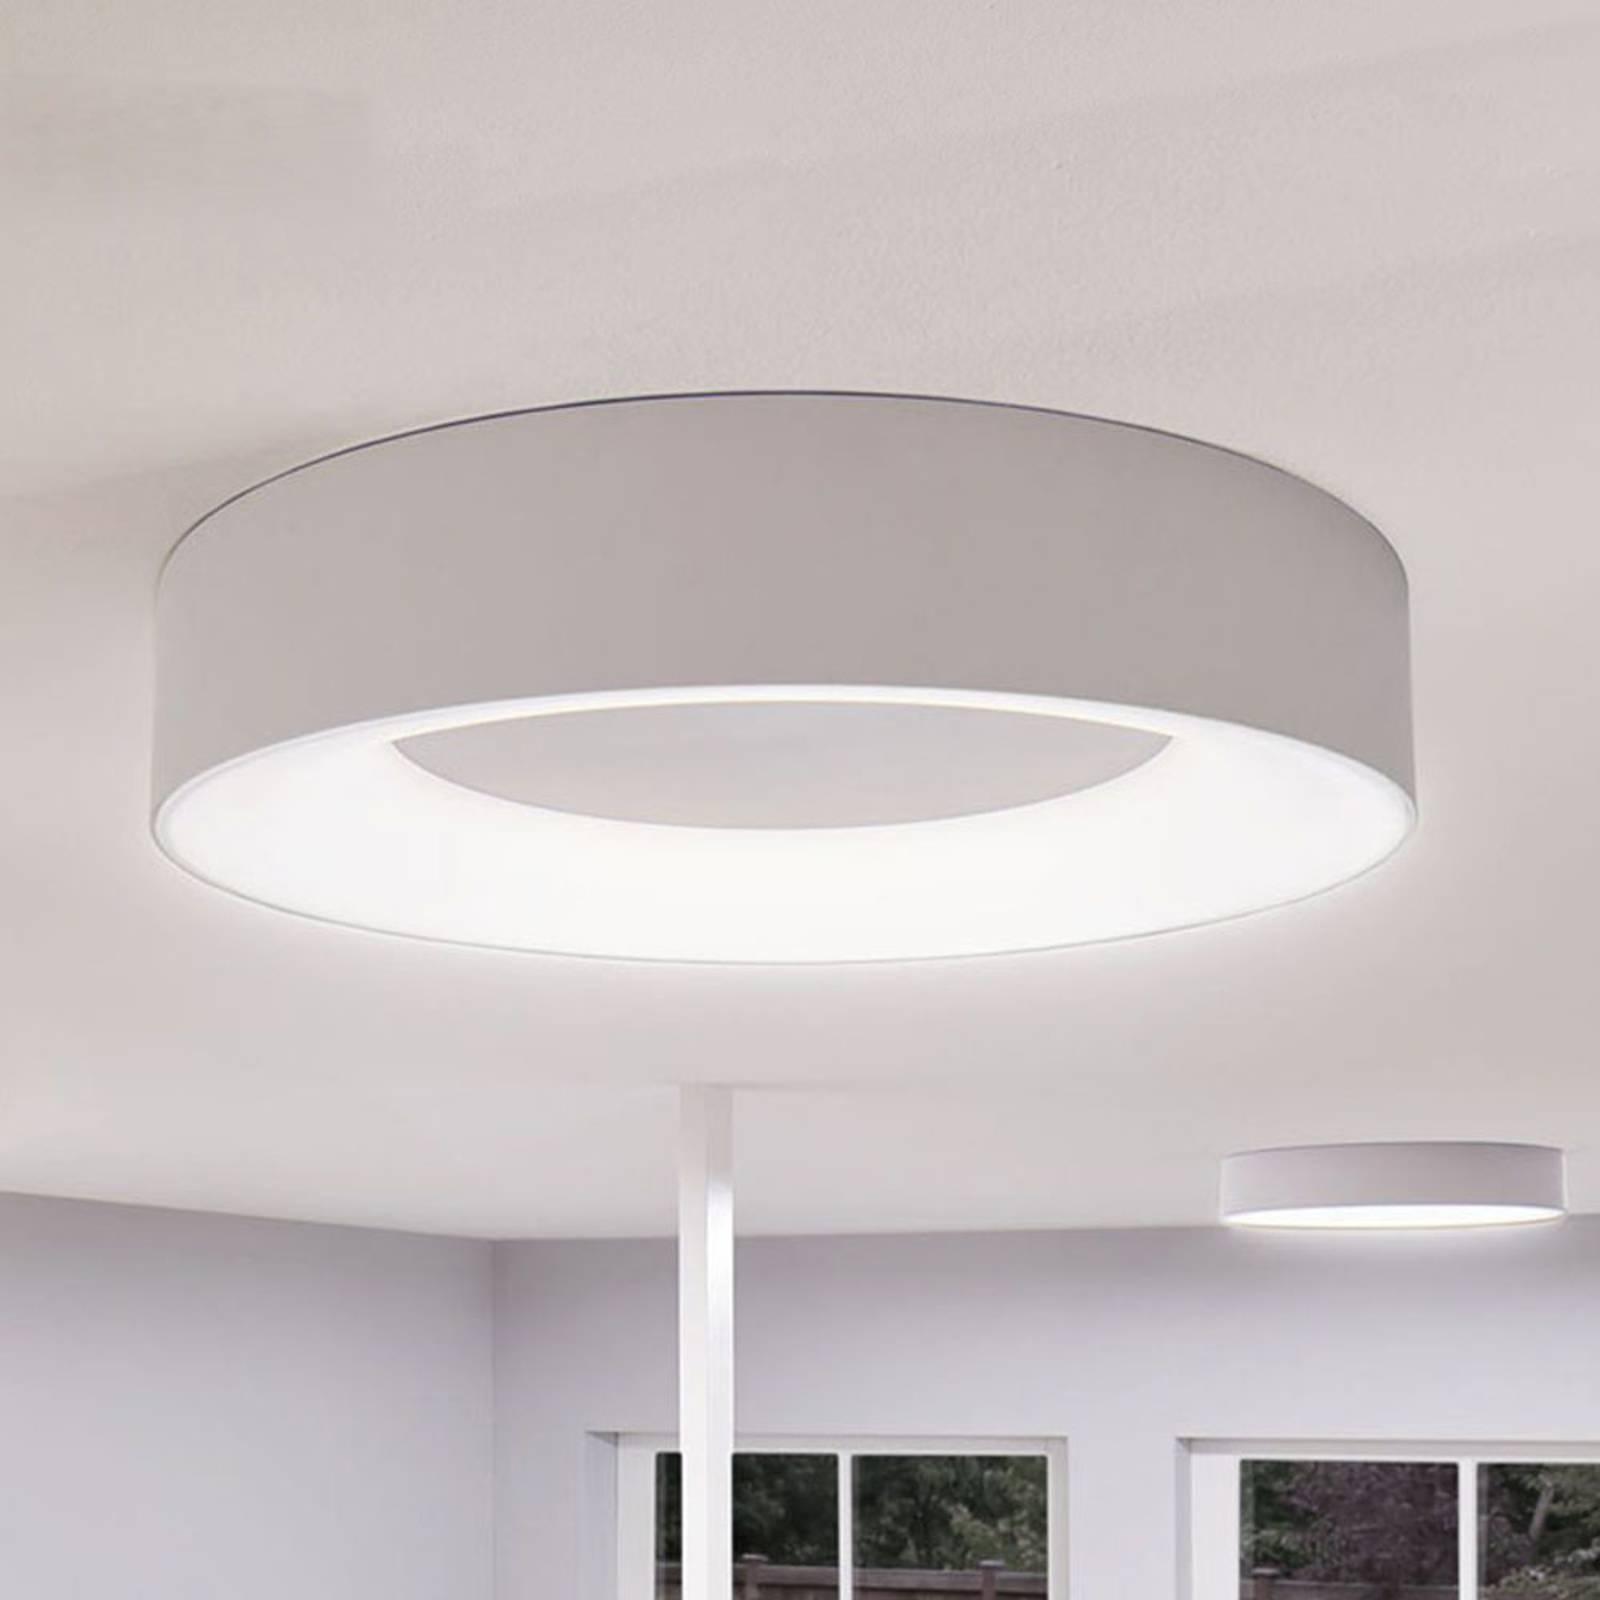 Paulmann HomeSpa Casca LED plafondlamp, Ø 40 cm